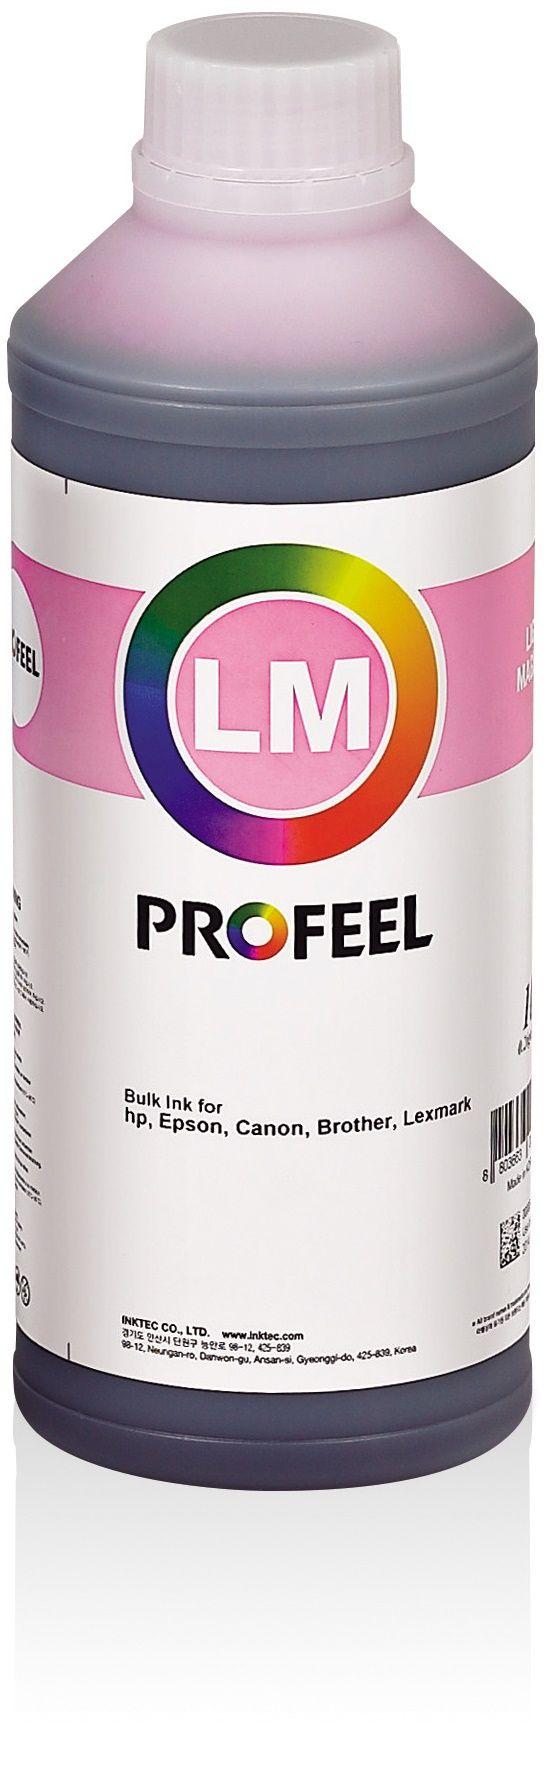 Tinta corante InkTec Profeel para Epson | modelo E0017-01LLM | Frasco de 1 litro | Cor : Magenta claro